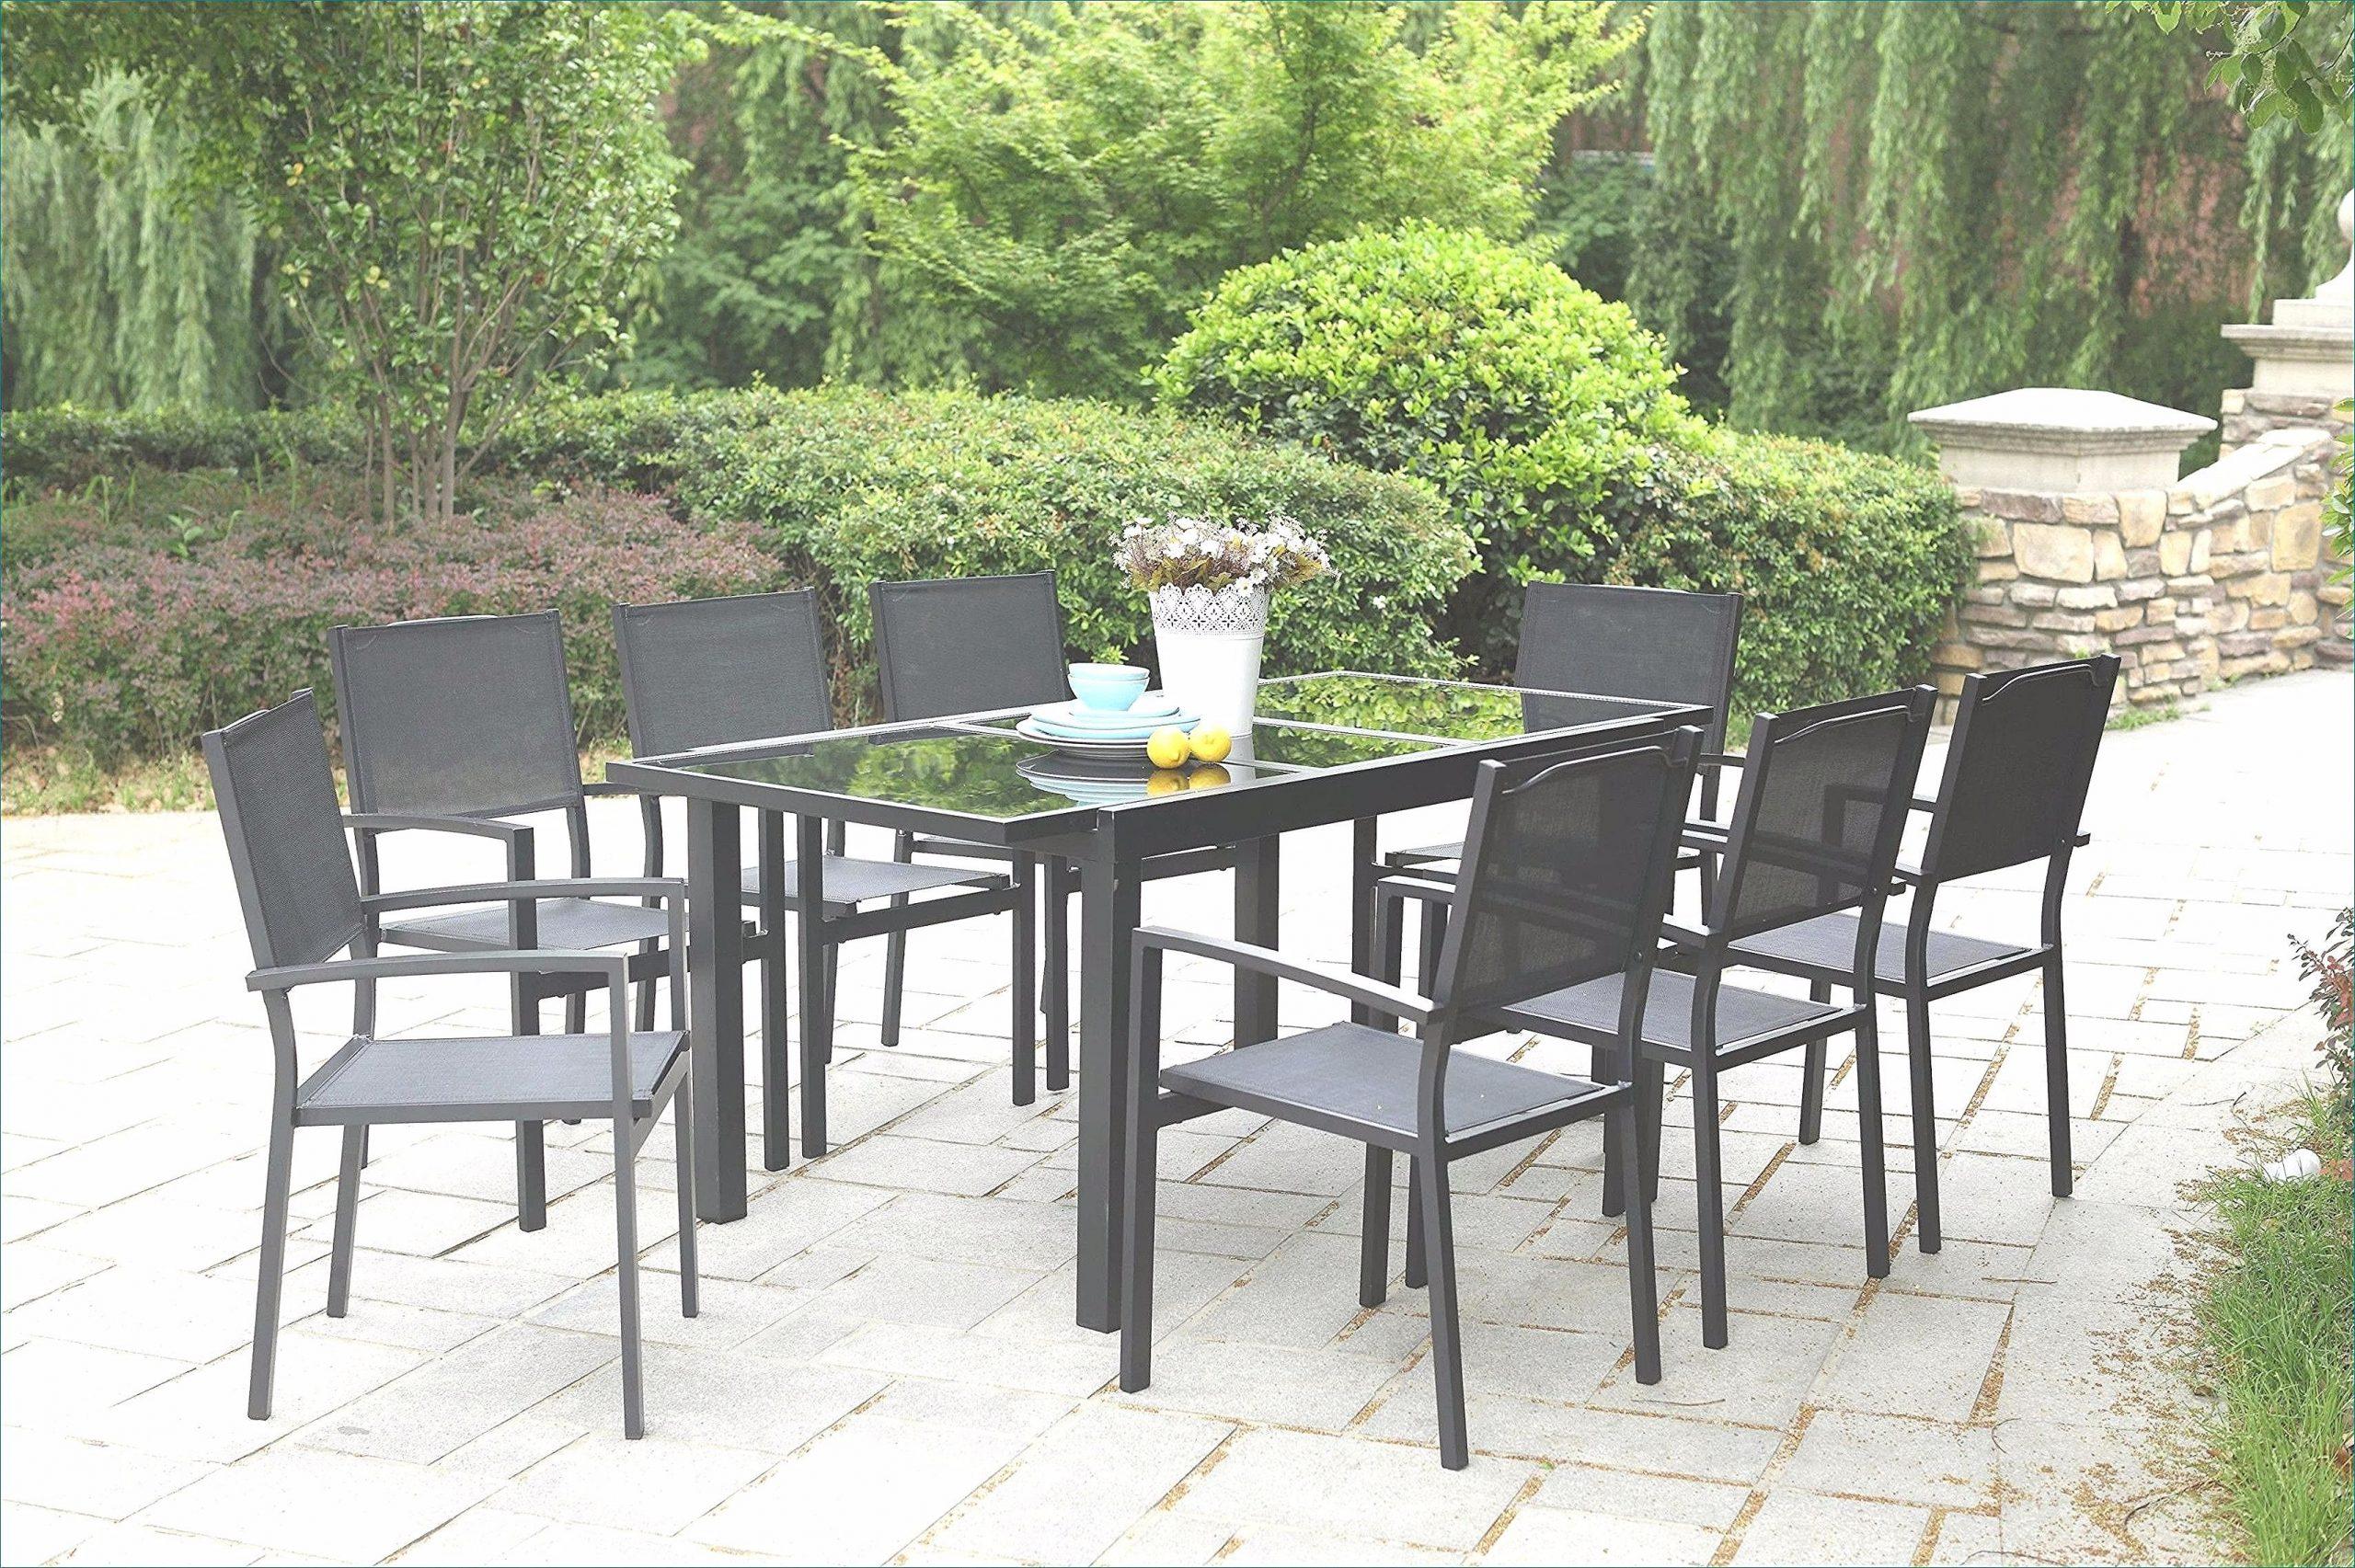 Salon De Jardin Grosfillex | Outdoor Furniture Sets, Outdoor ... avec Salon De Jardin Marque Jardin